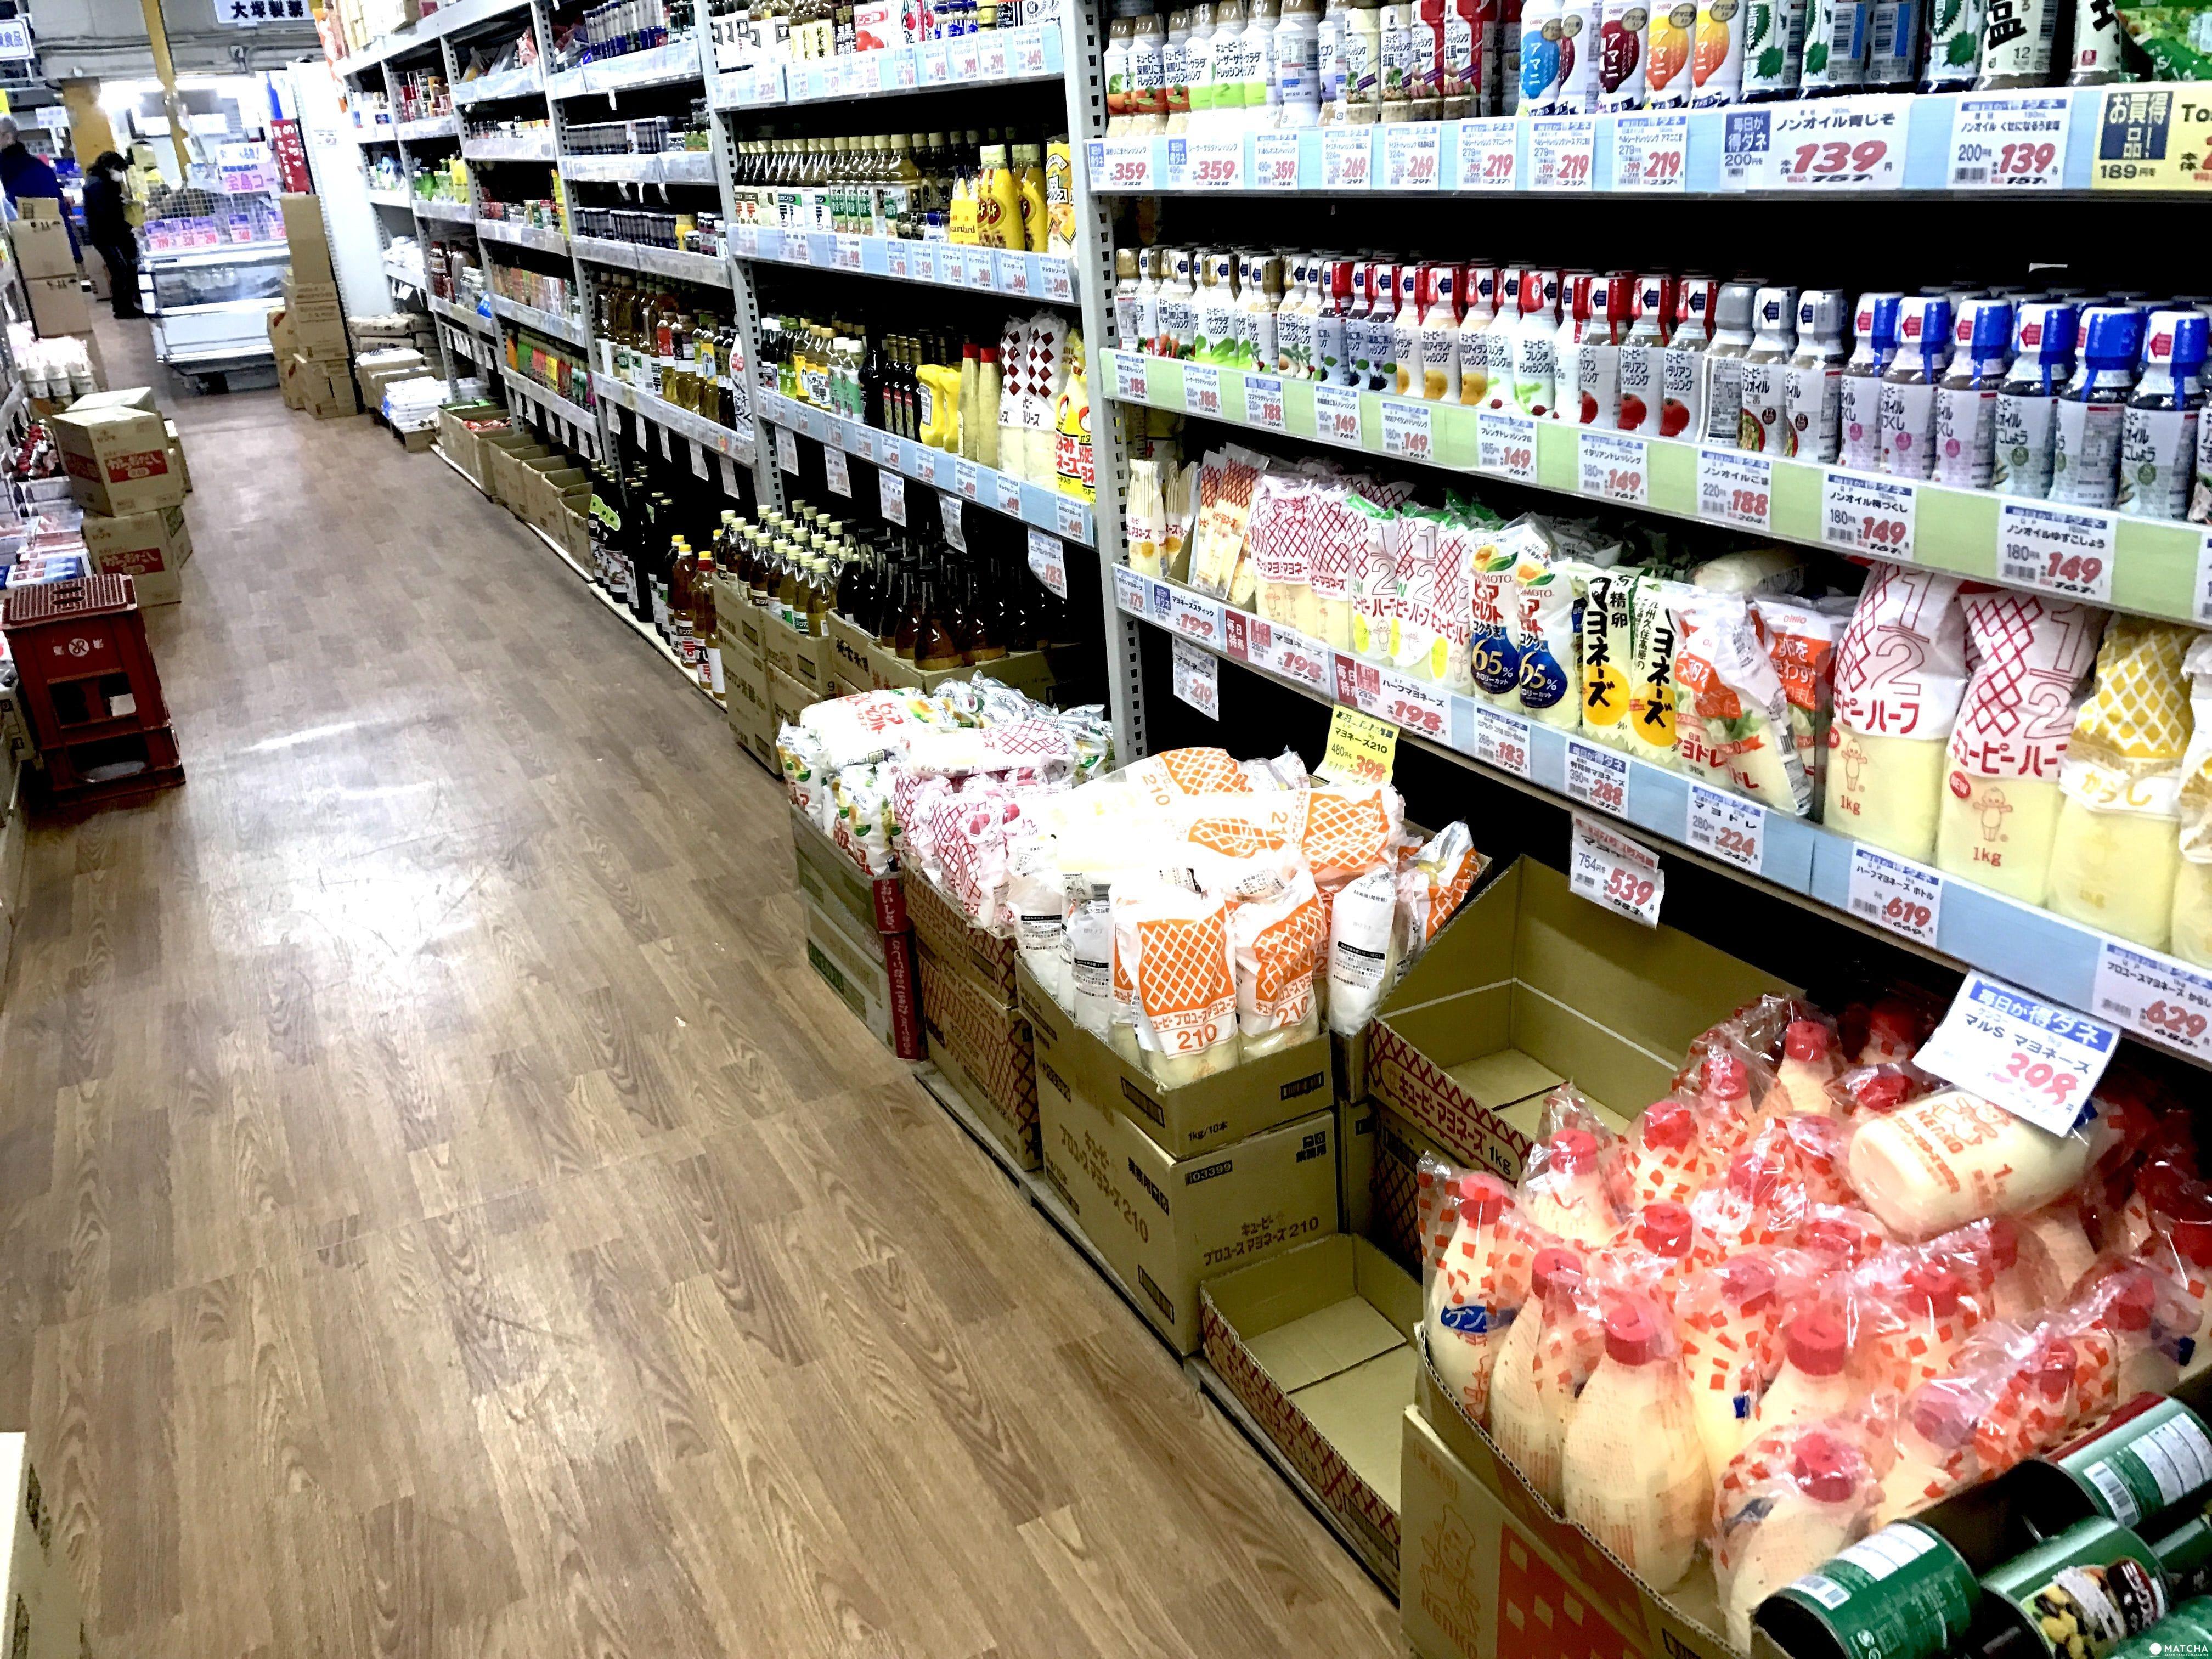 【京都】歡迎外國人!價格便宜!可以零售!高木業務批發超市